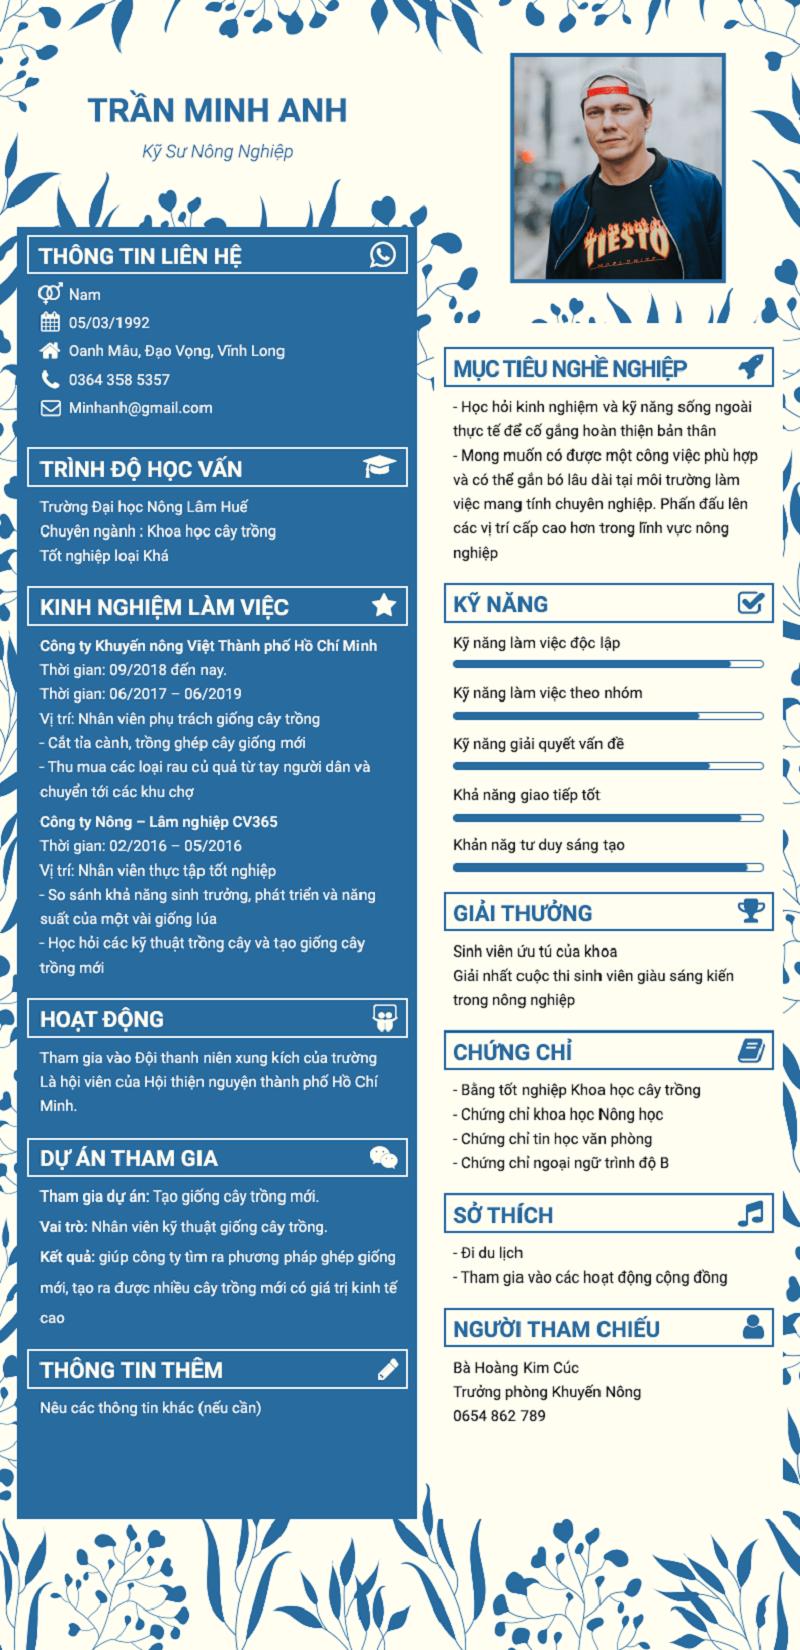 Bạn đã hiểu định nghĩa về CV như thế nào?